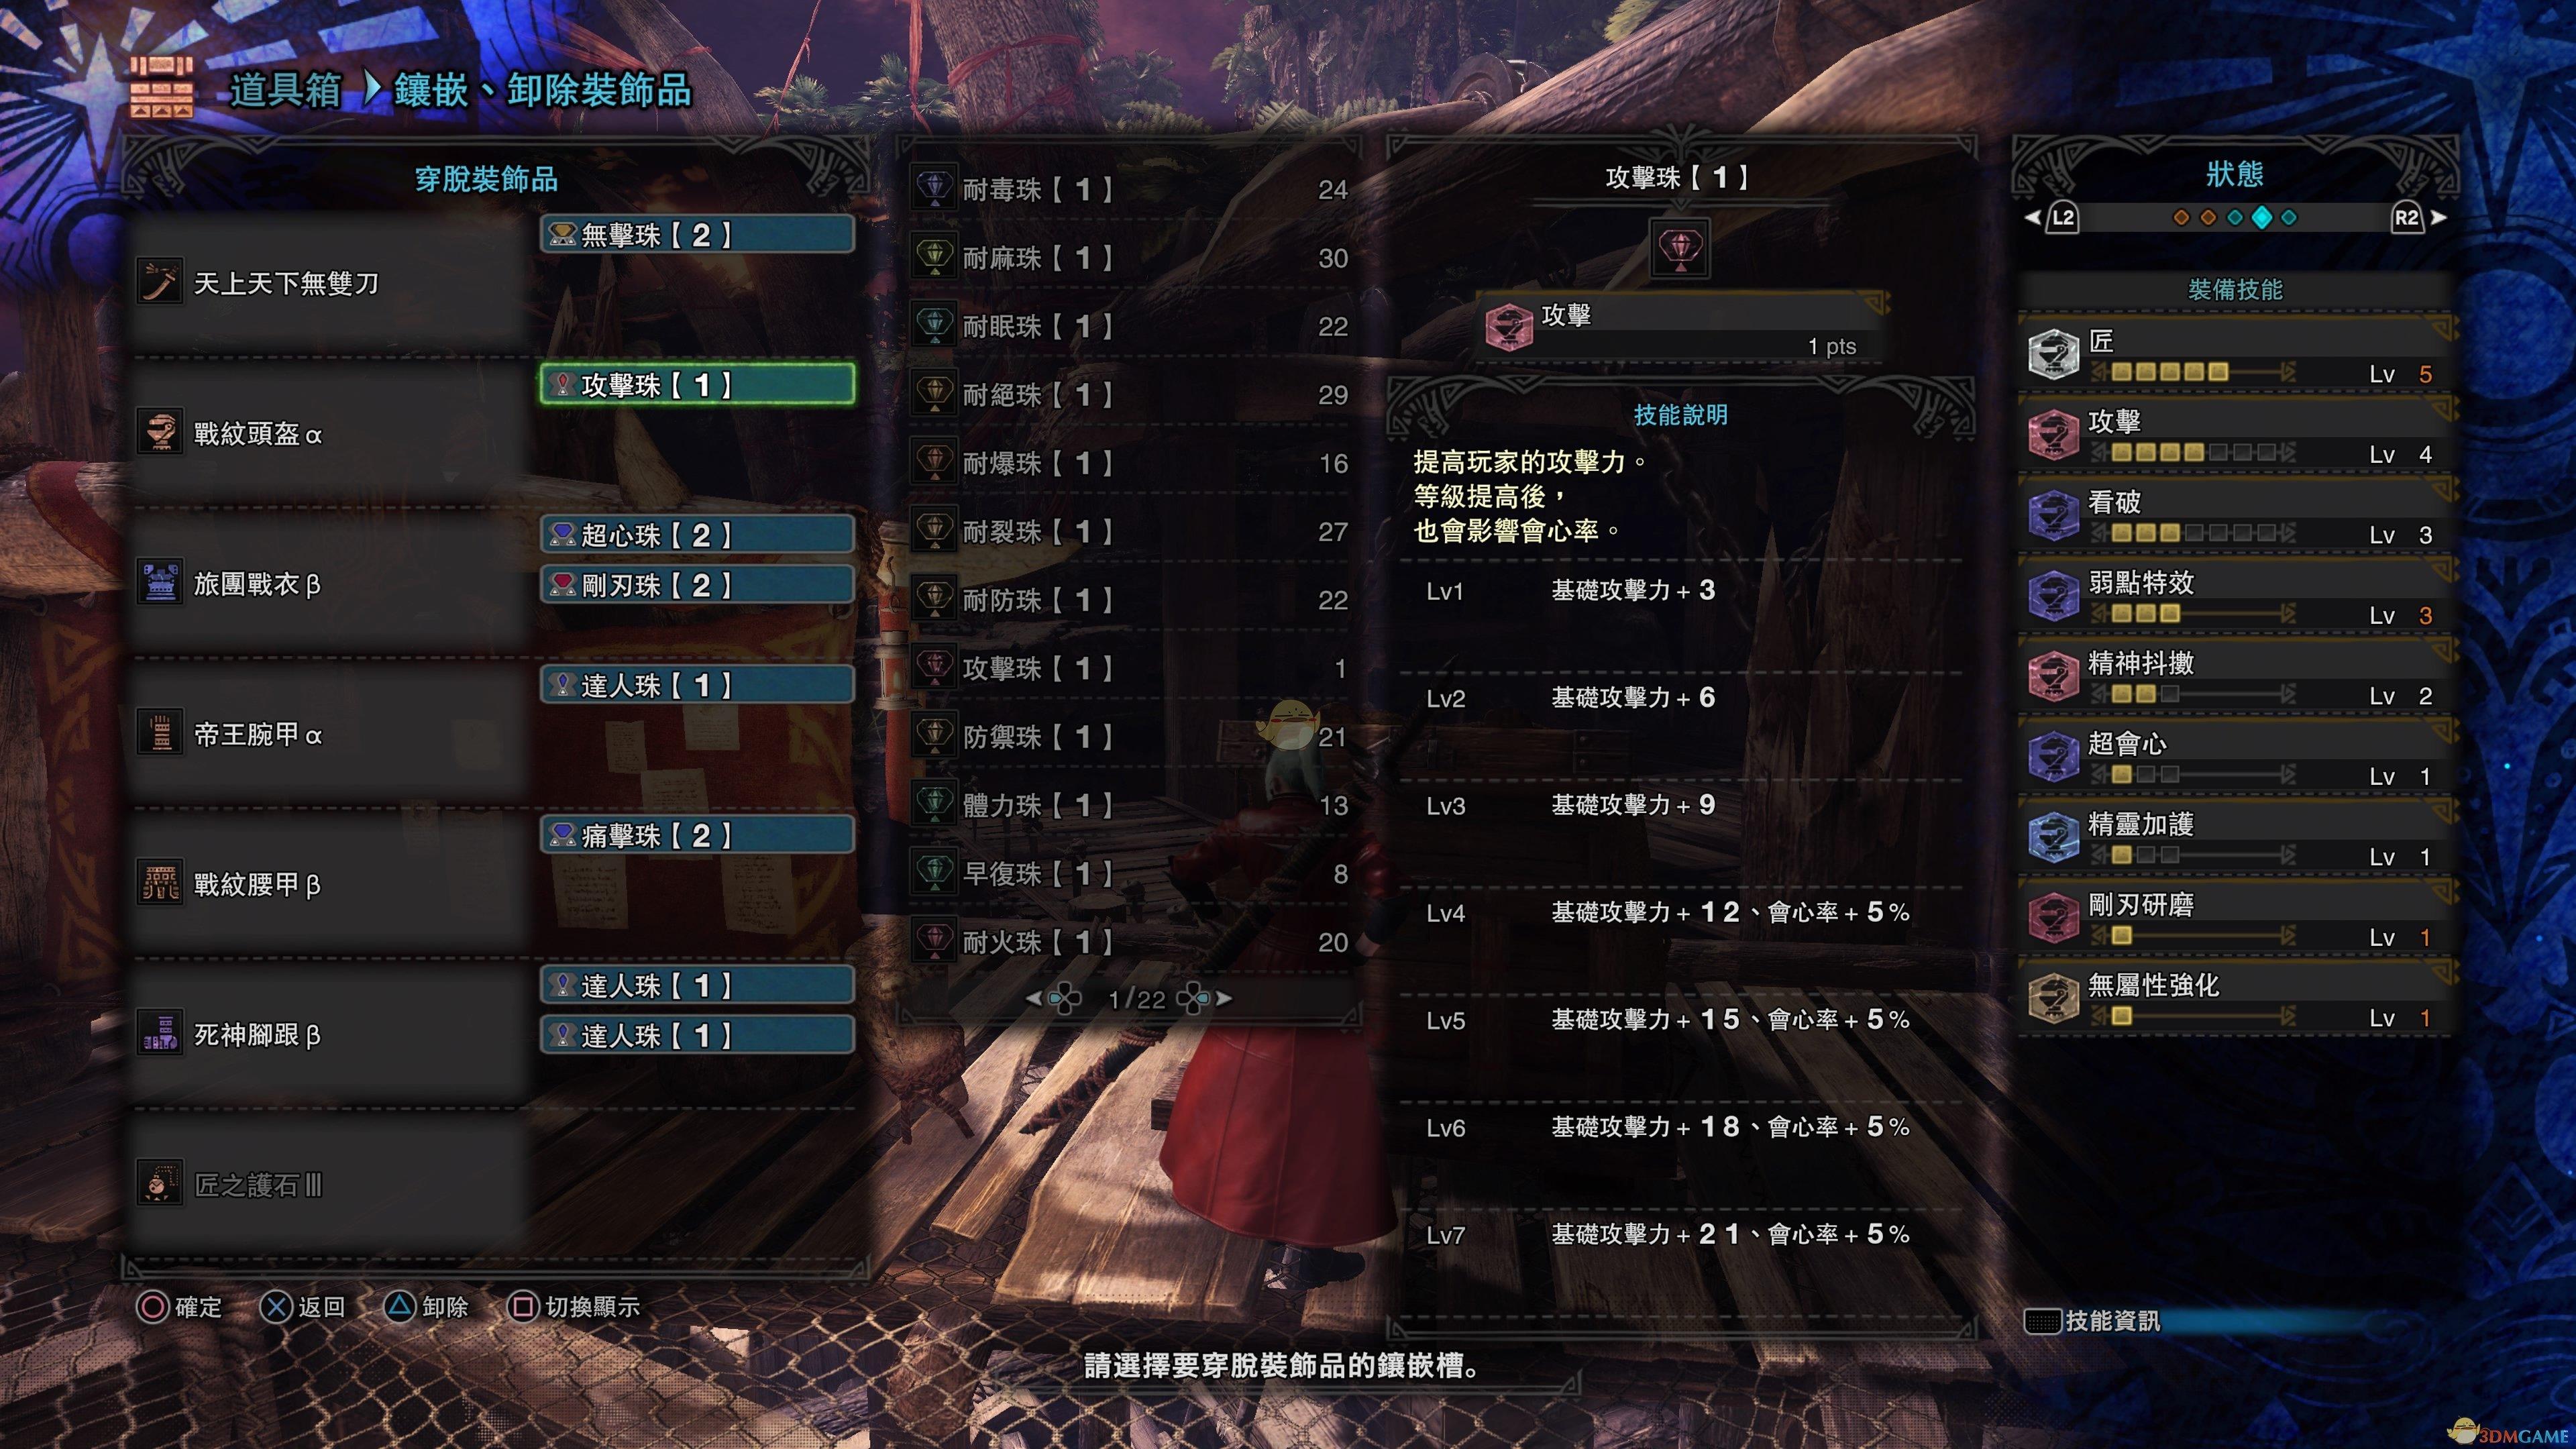 《怪物猎人:世界》PC1.1版本太刀配装